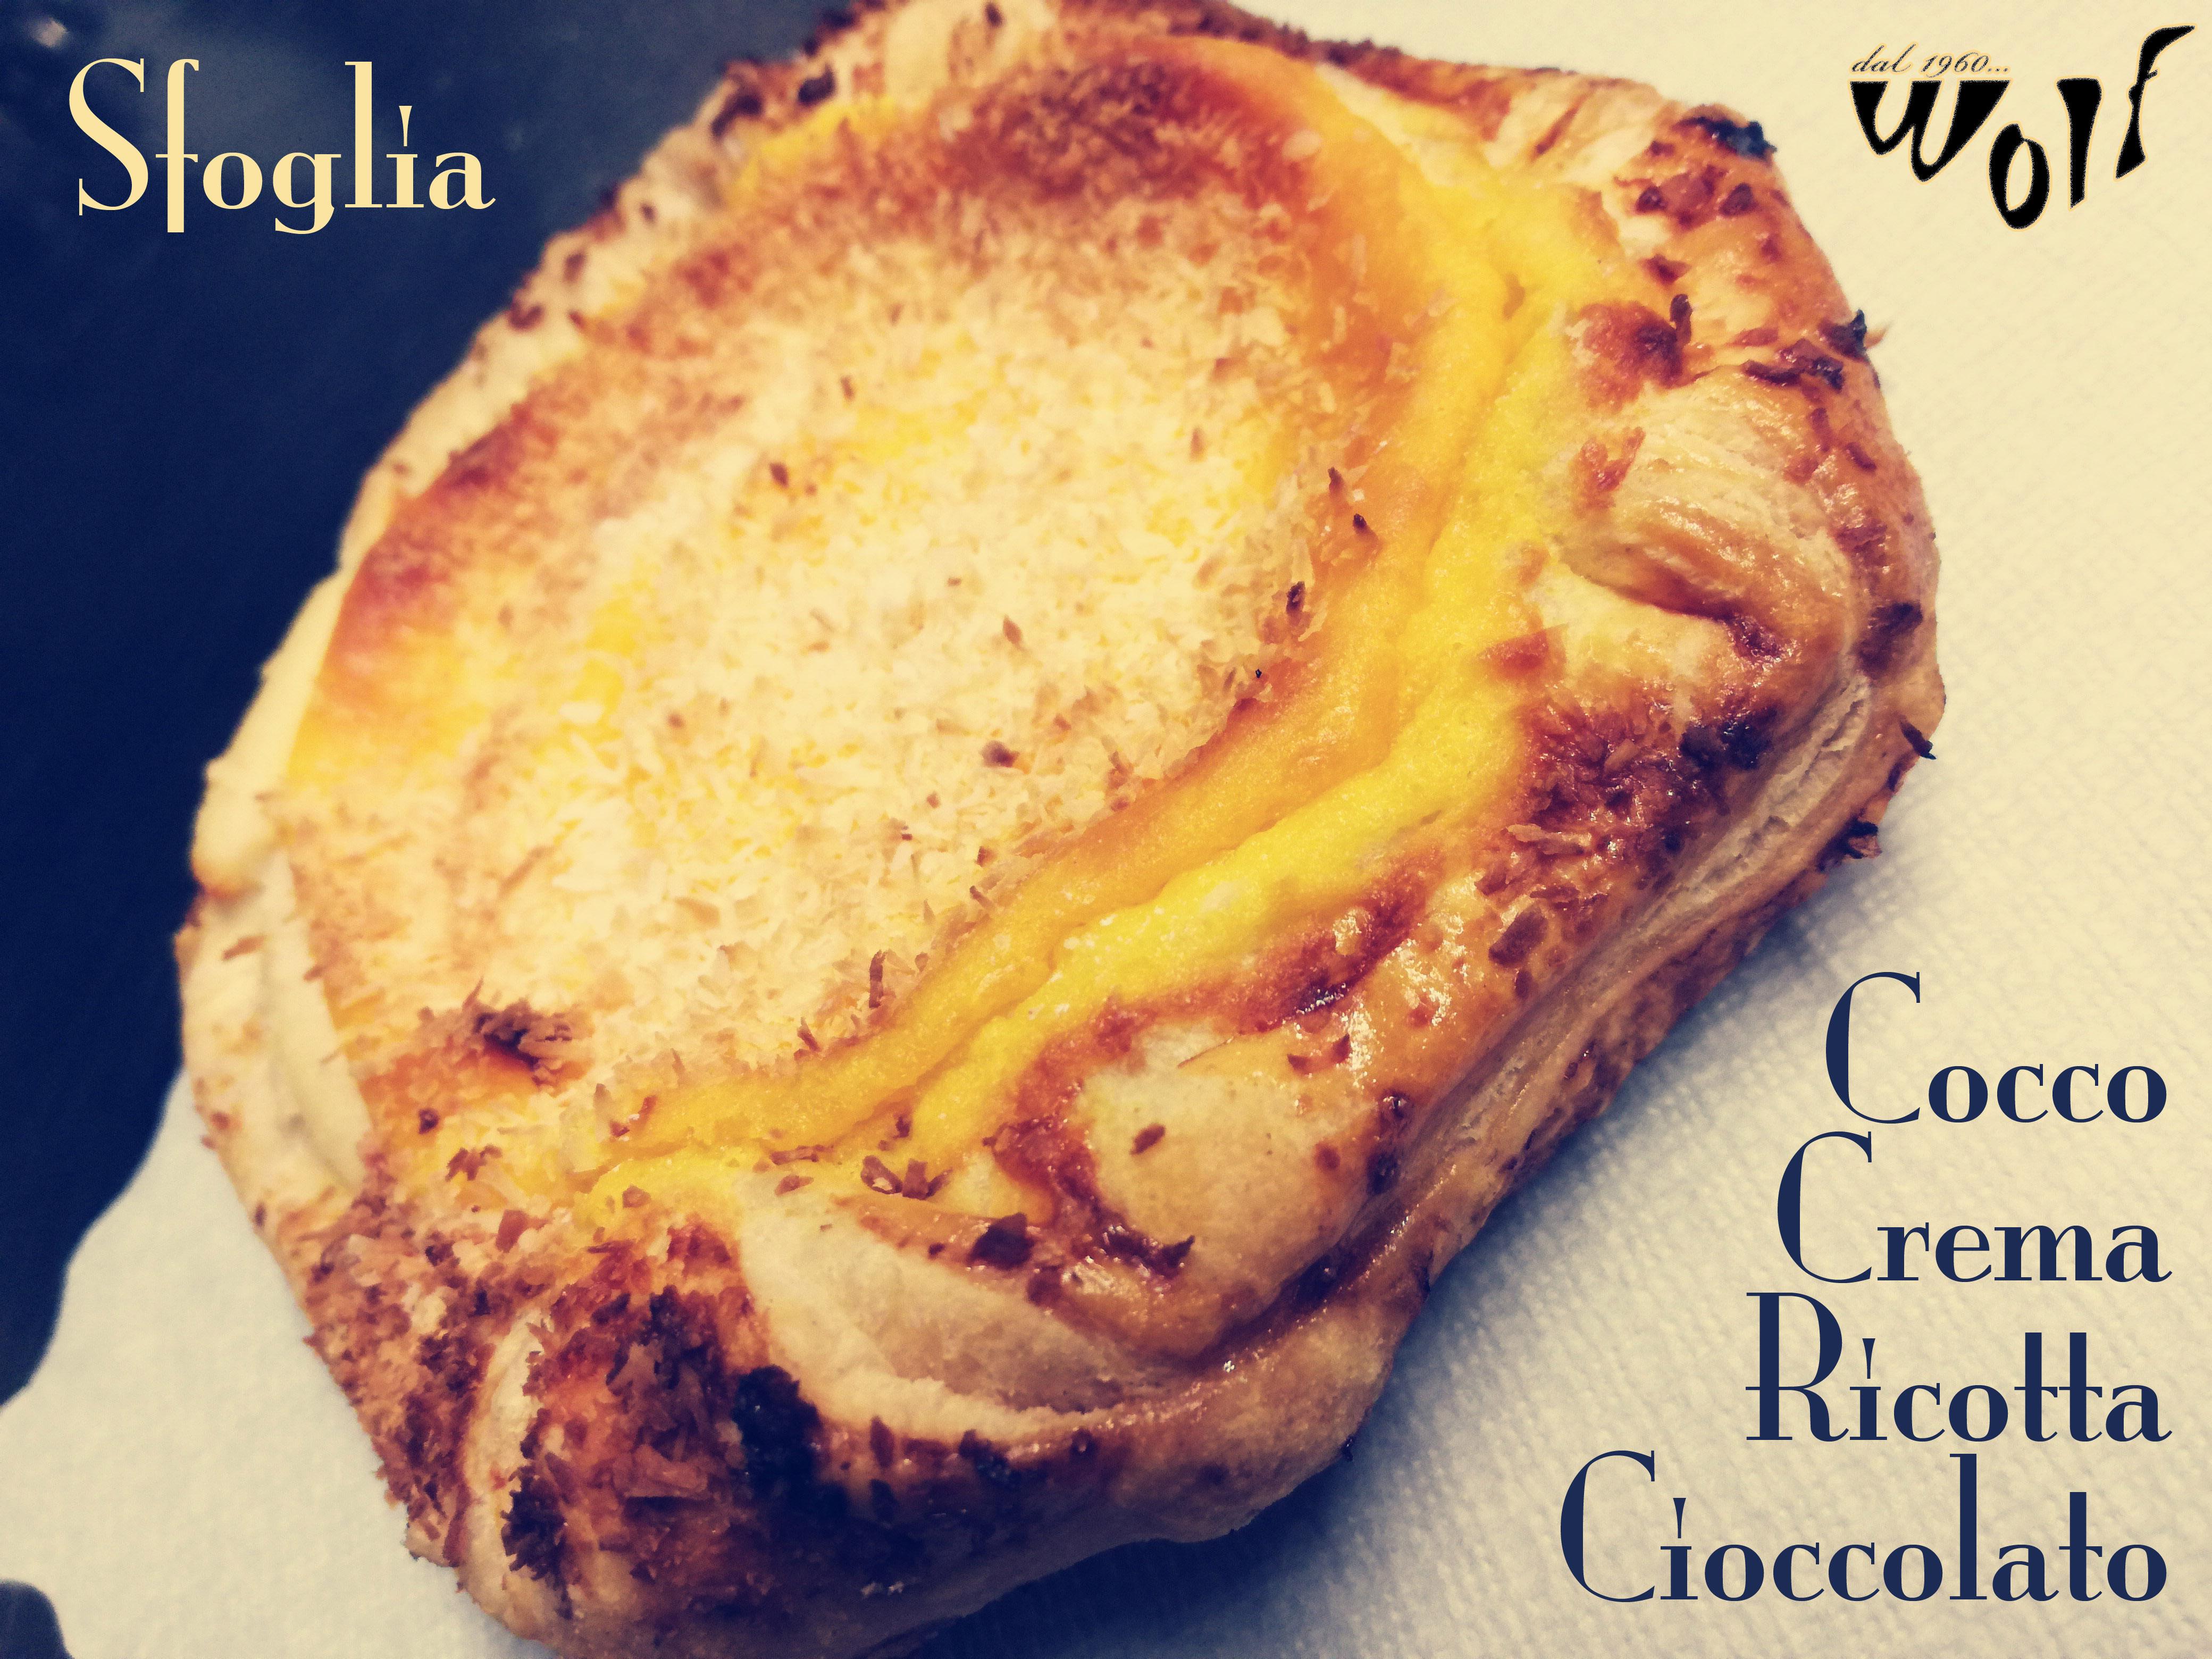 Sfoglia Cocco Crema Ricotta Cioccolato